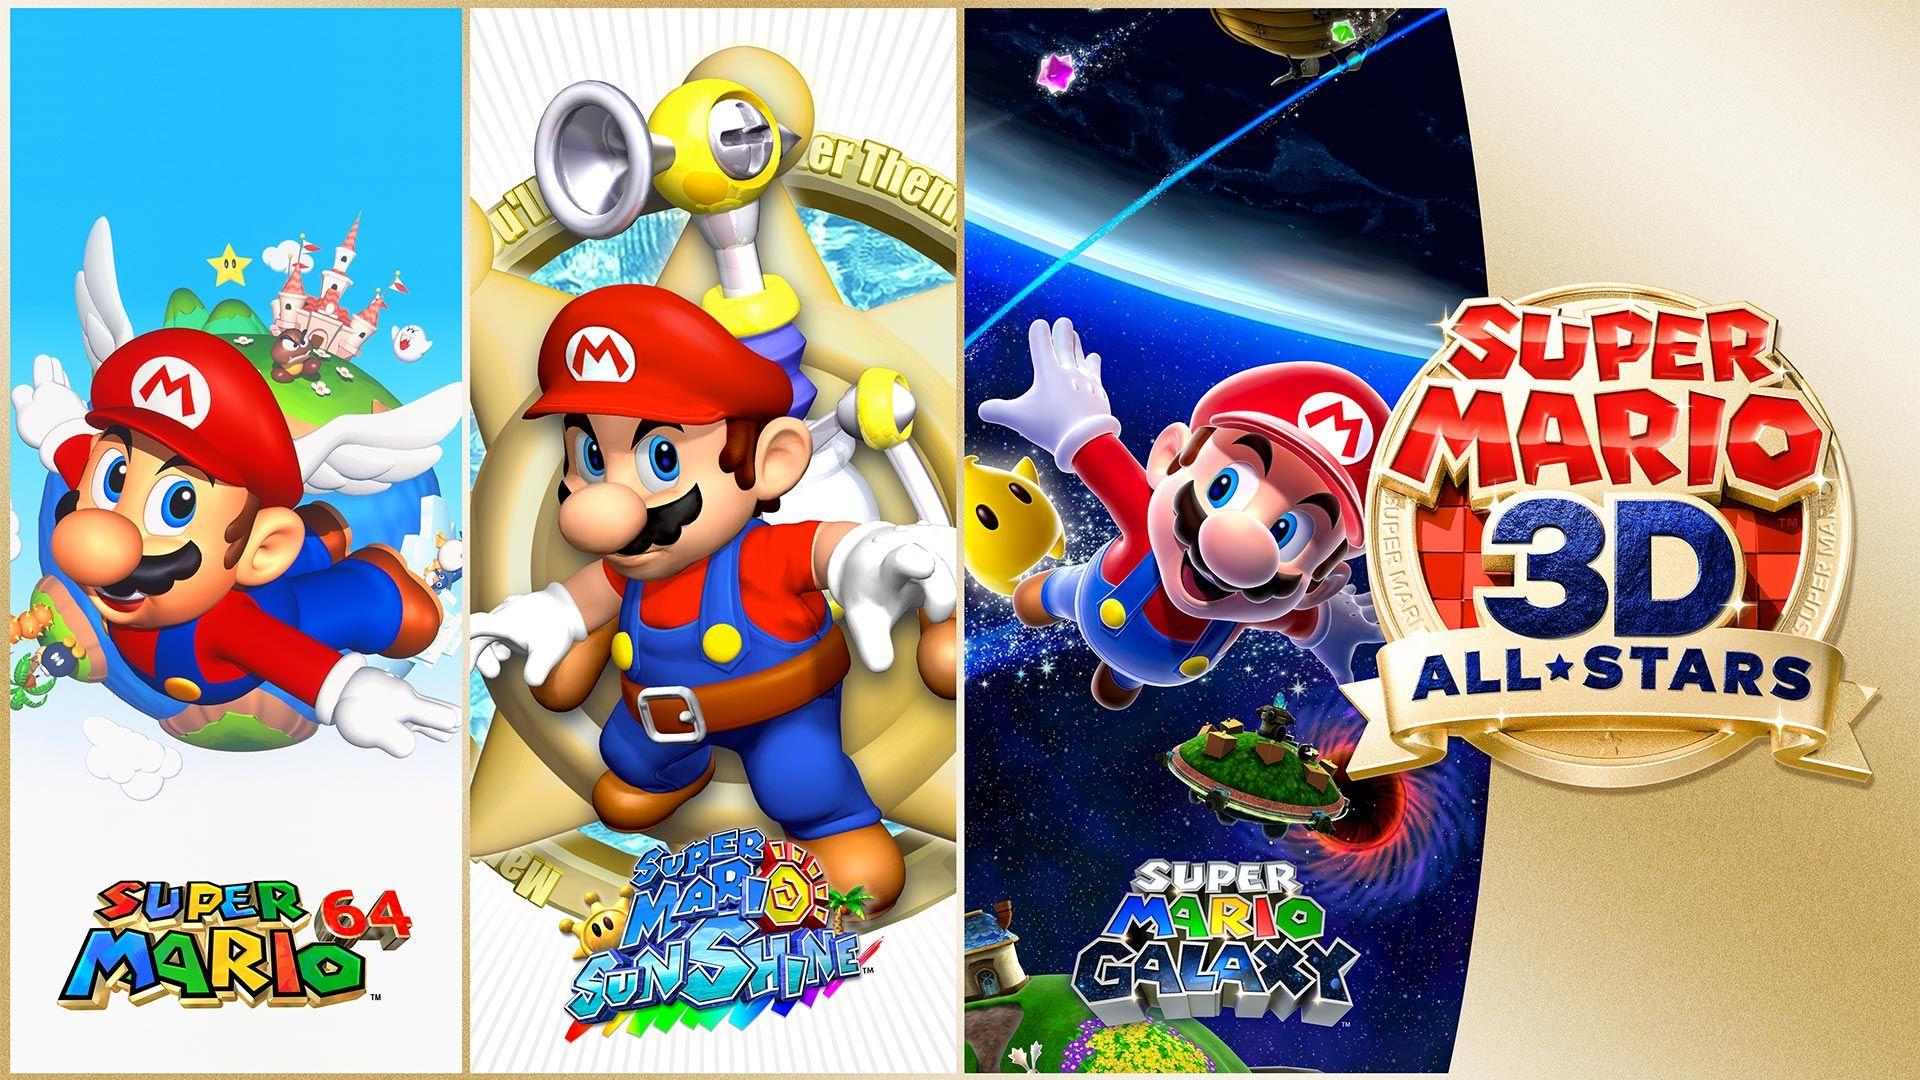 Super Mario 3D All-Stars reúne Mario 64, Sunshine e Galaxy remasterizados. (Foto: Divulgação/Nintendo)